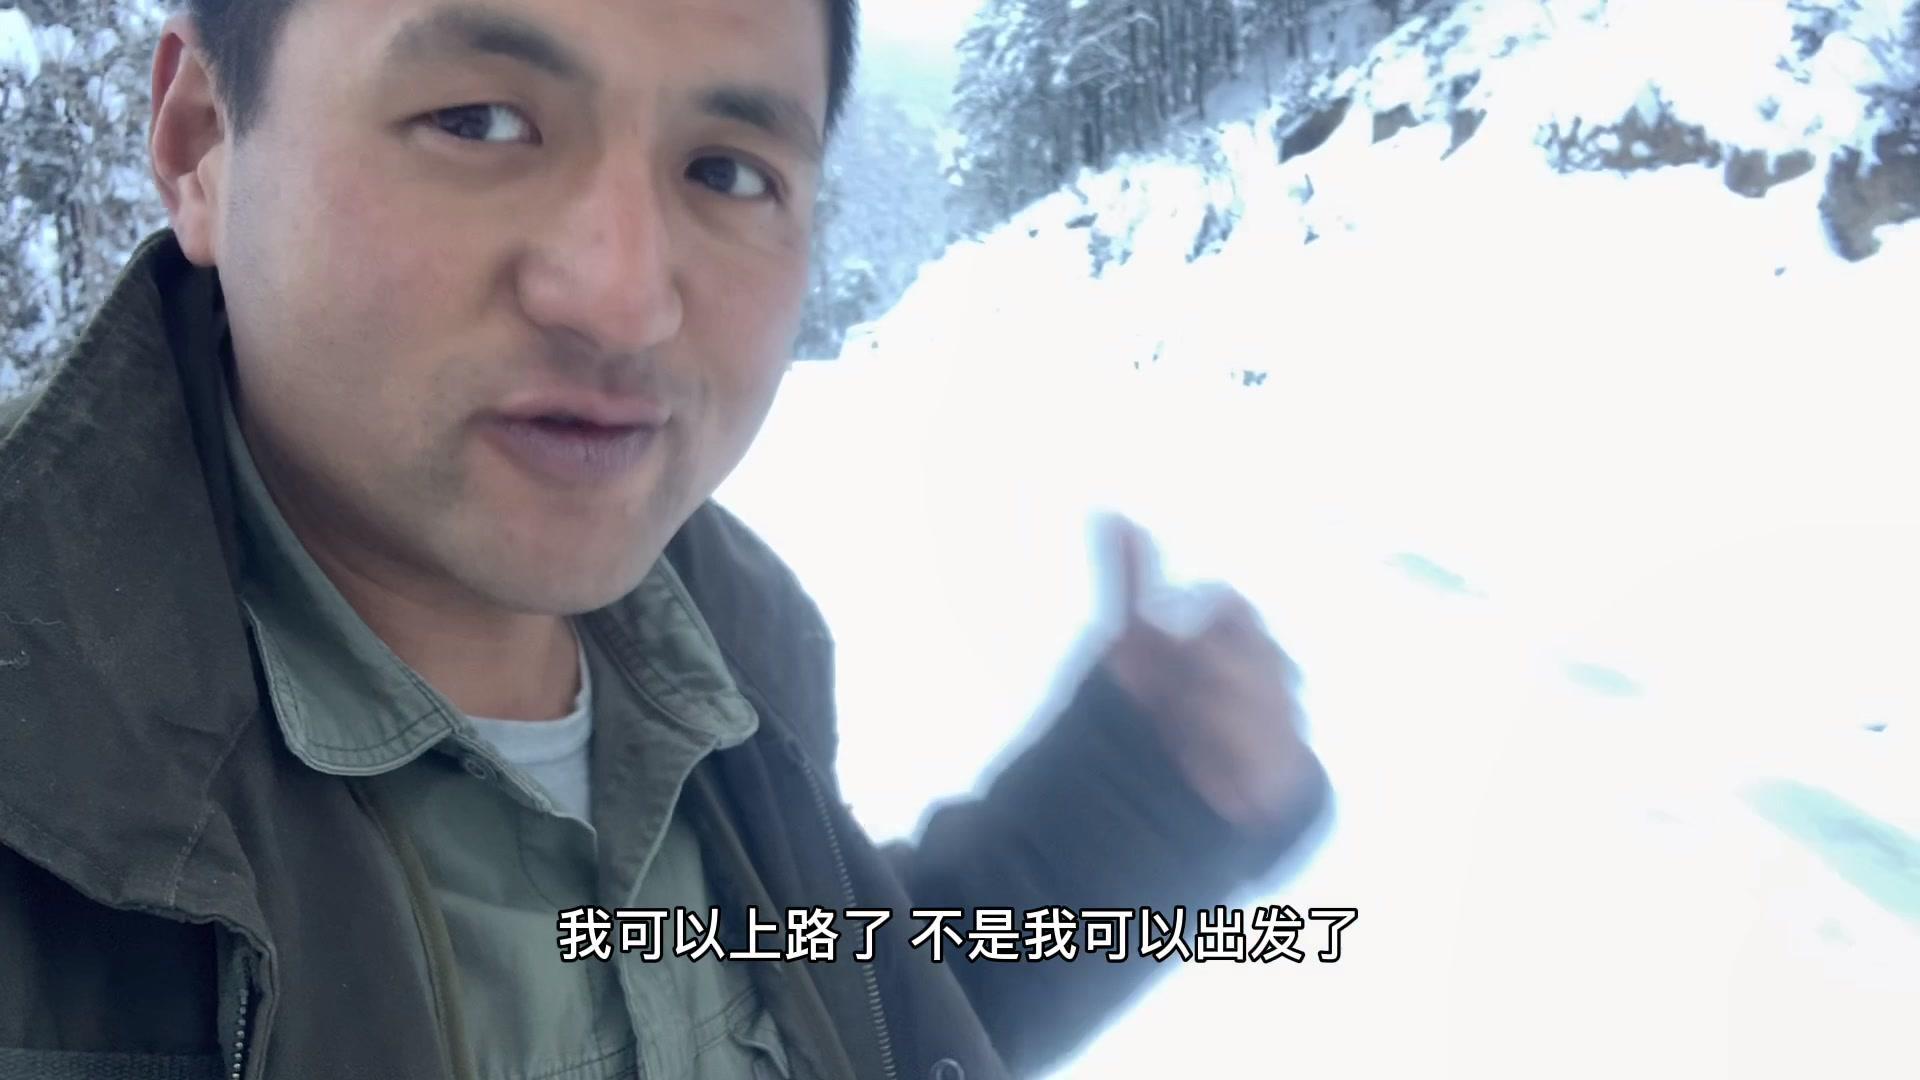 房车旅行被困雪山,吃的快没有了被迫撤离,雪太大半路走不掉了